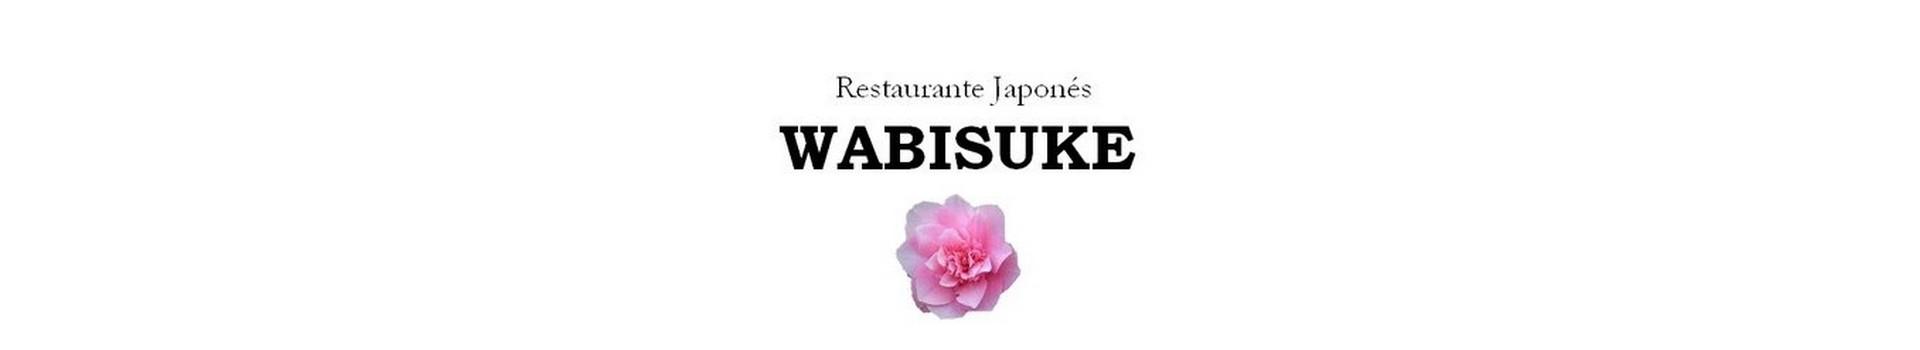 Restaurante japones en palma